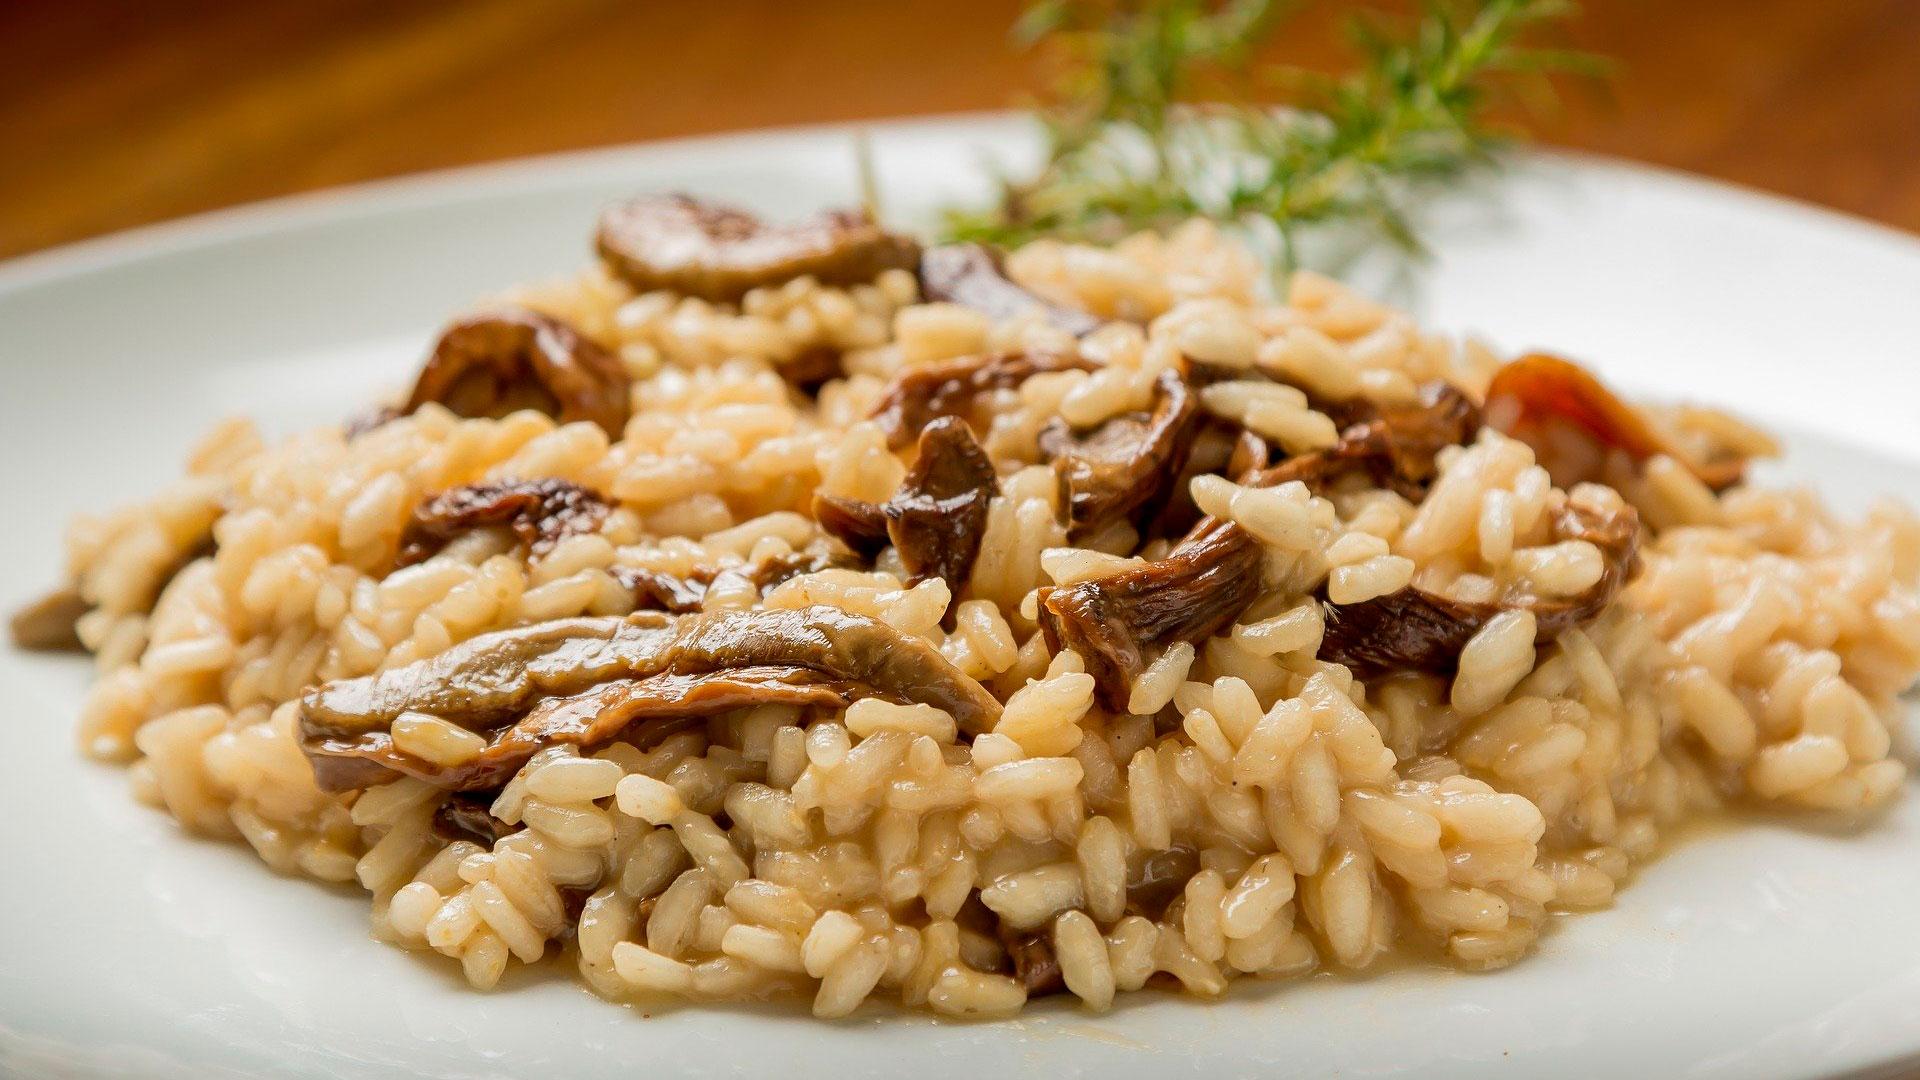 Imágenes de comida saludable